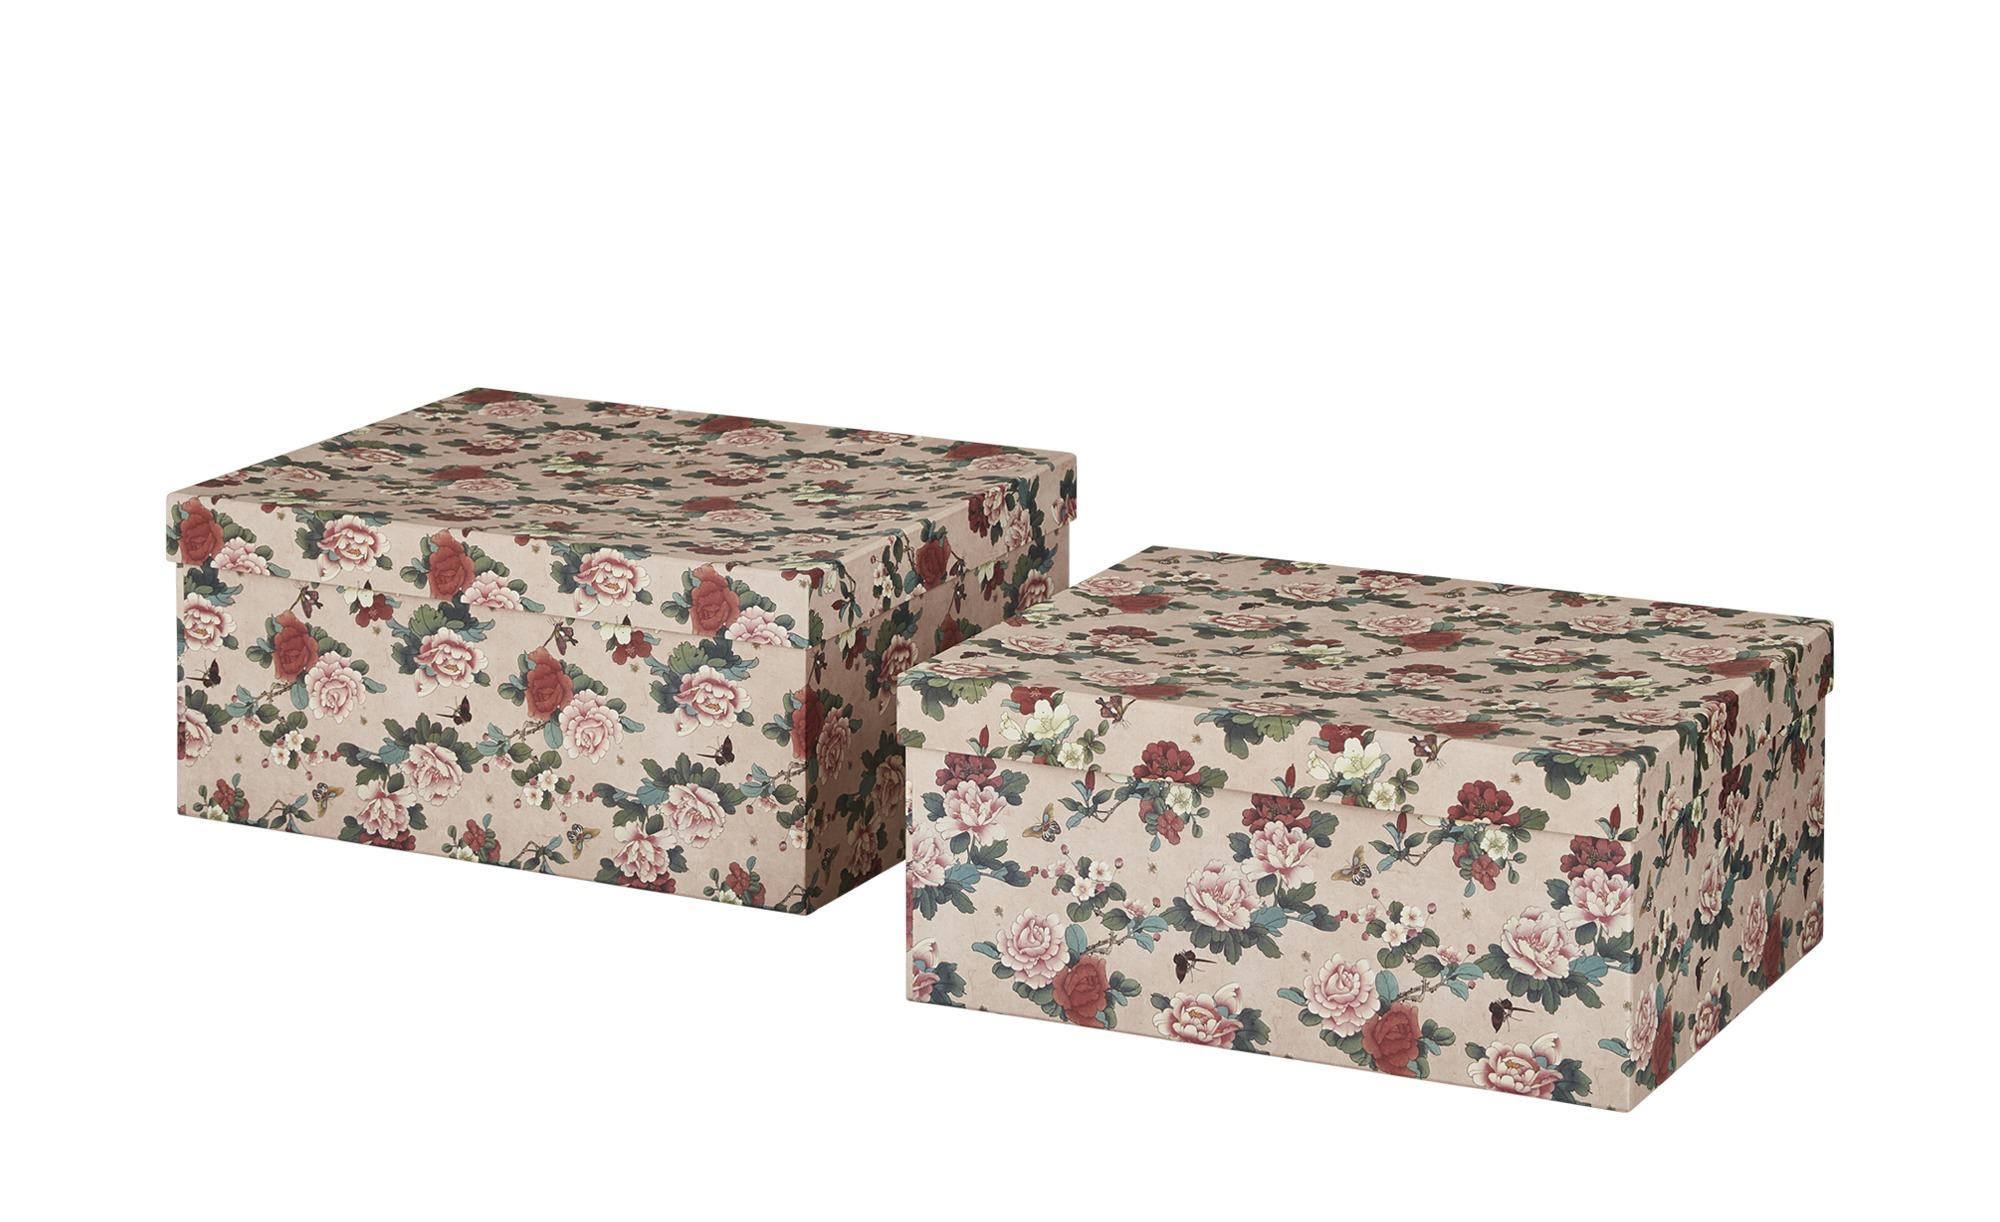 Kisten für besondere Kleidungsstücke